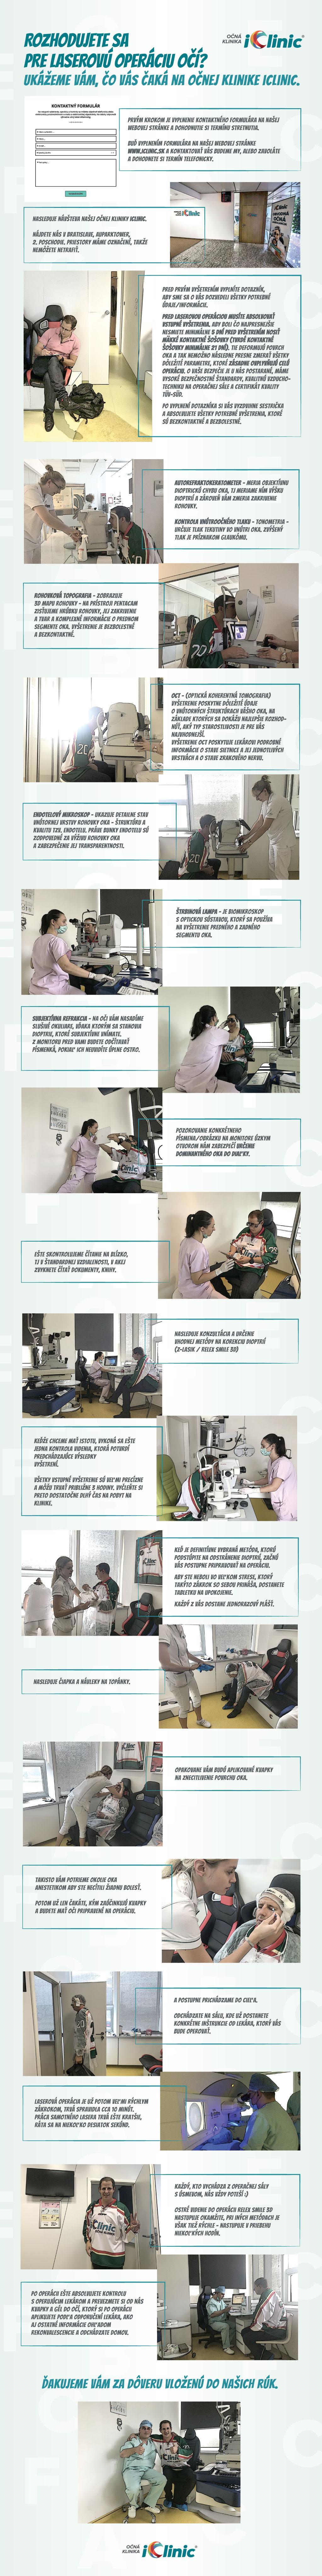 772168c21 Často kladené otázky | iClinic očná klinika Bratislava, Banská Bystrica